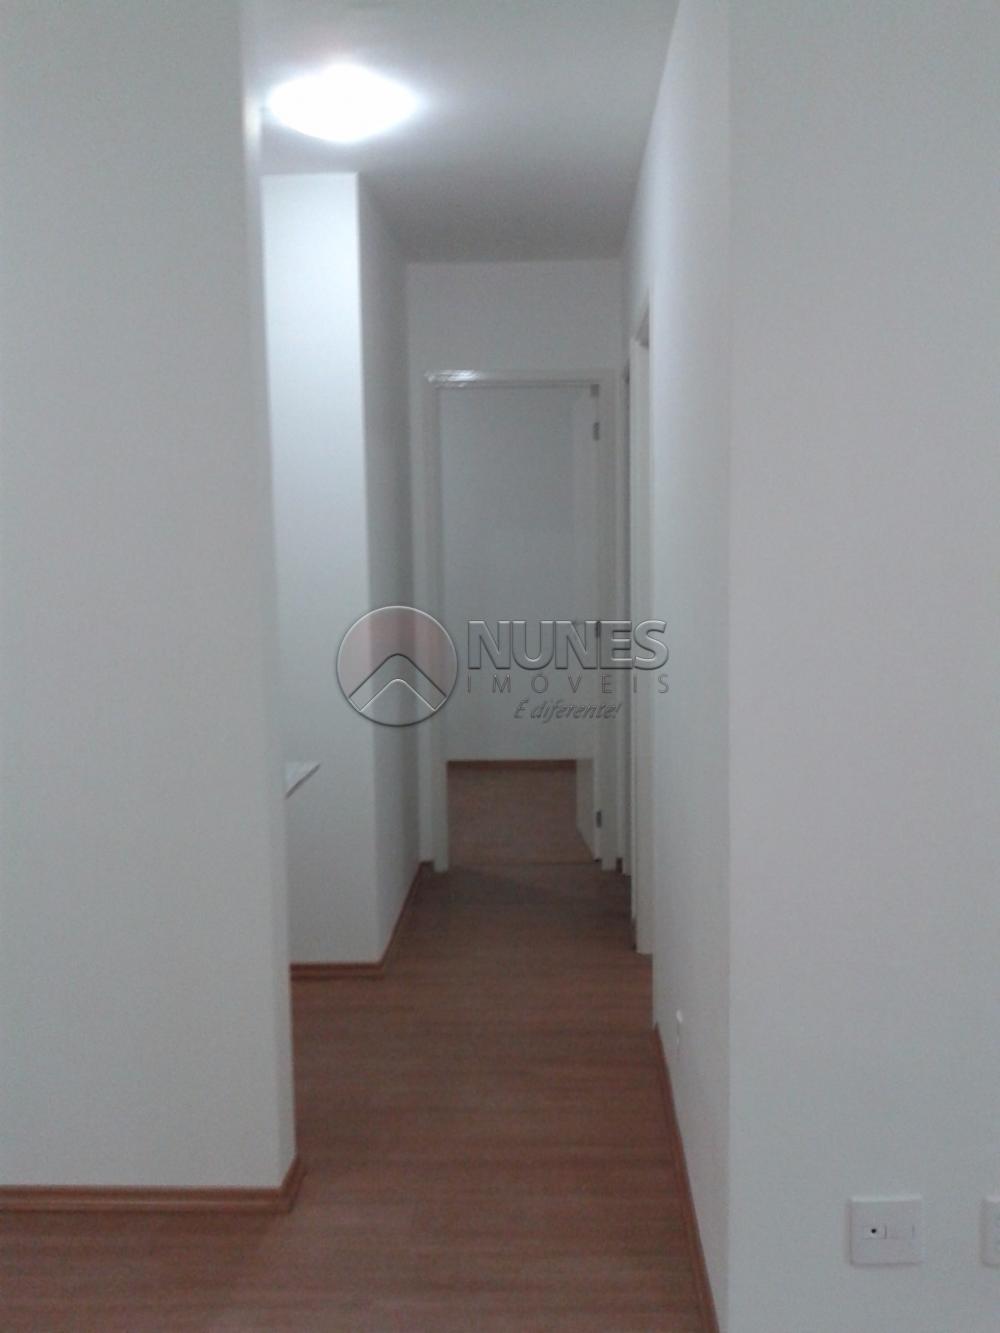 Comprar Apartamento / Padrão em São Paulo apenas R$ 300.000,00 - Foto 5